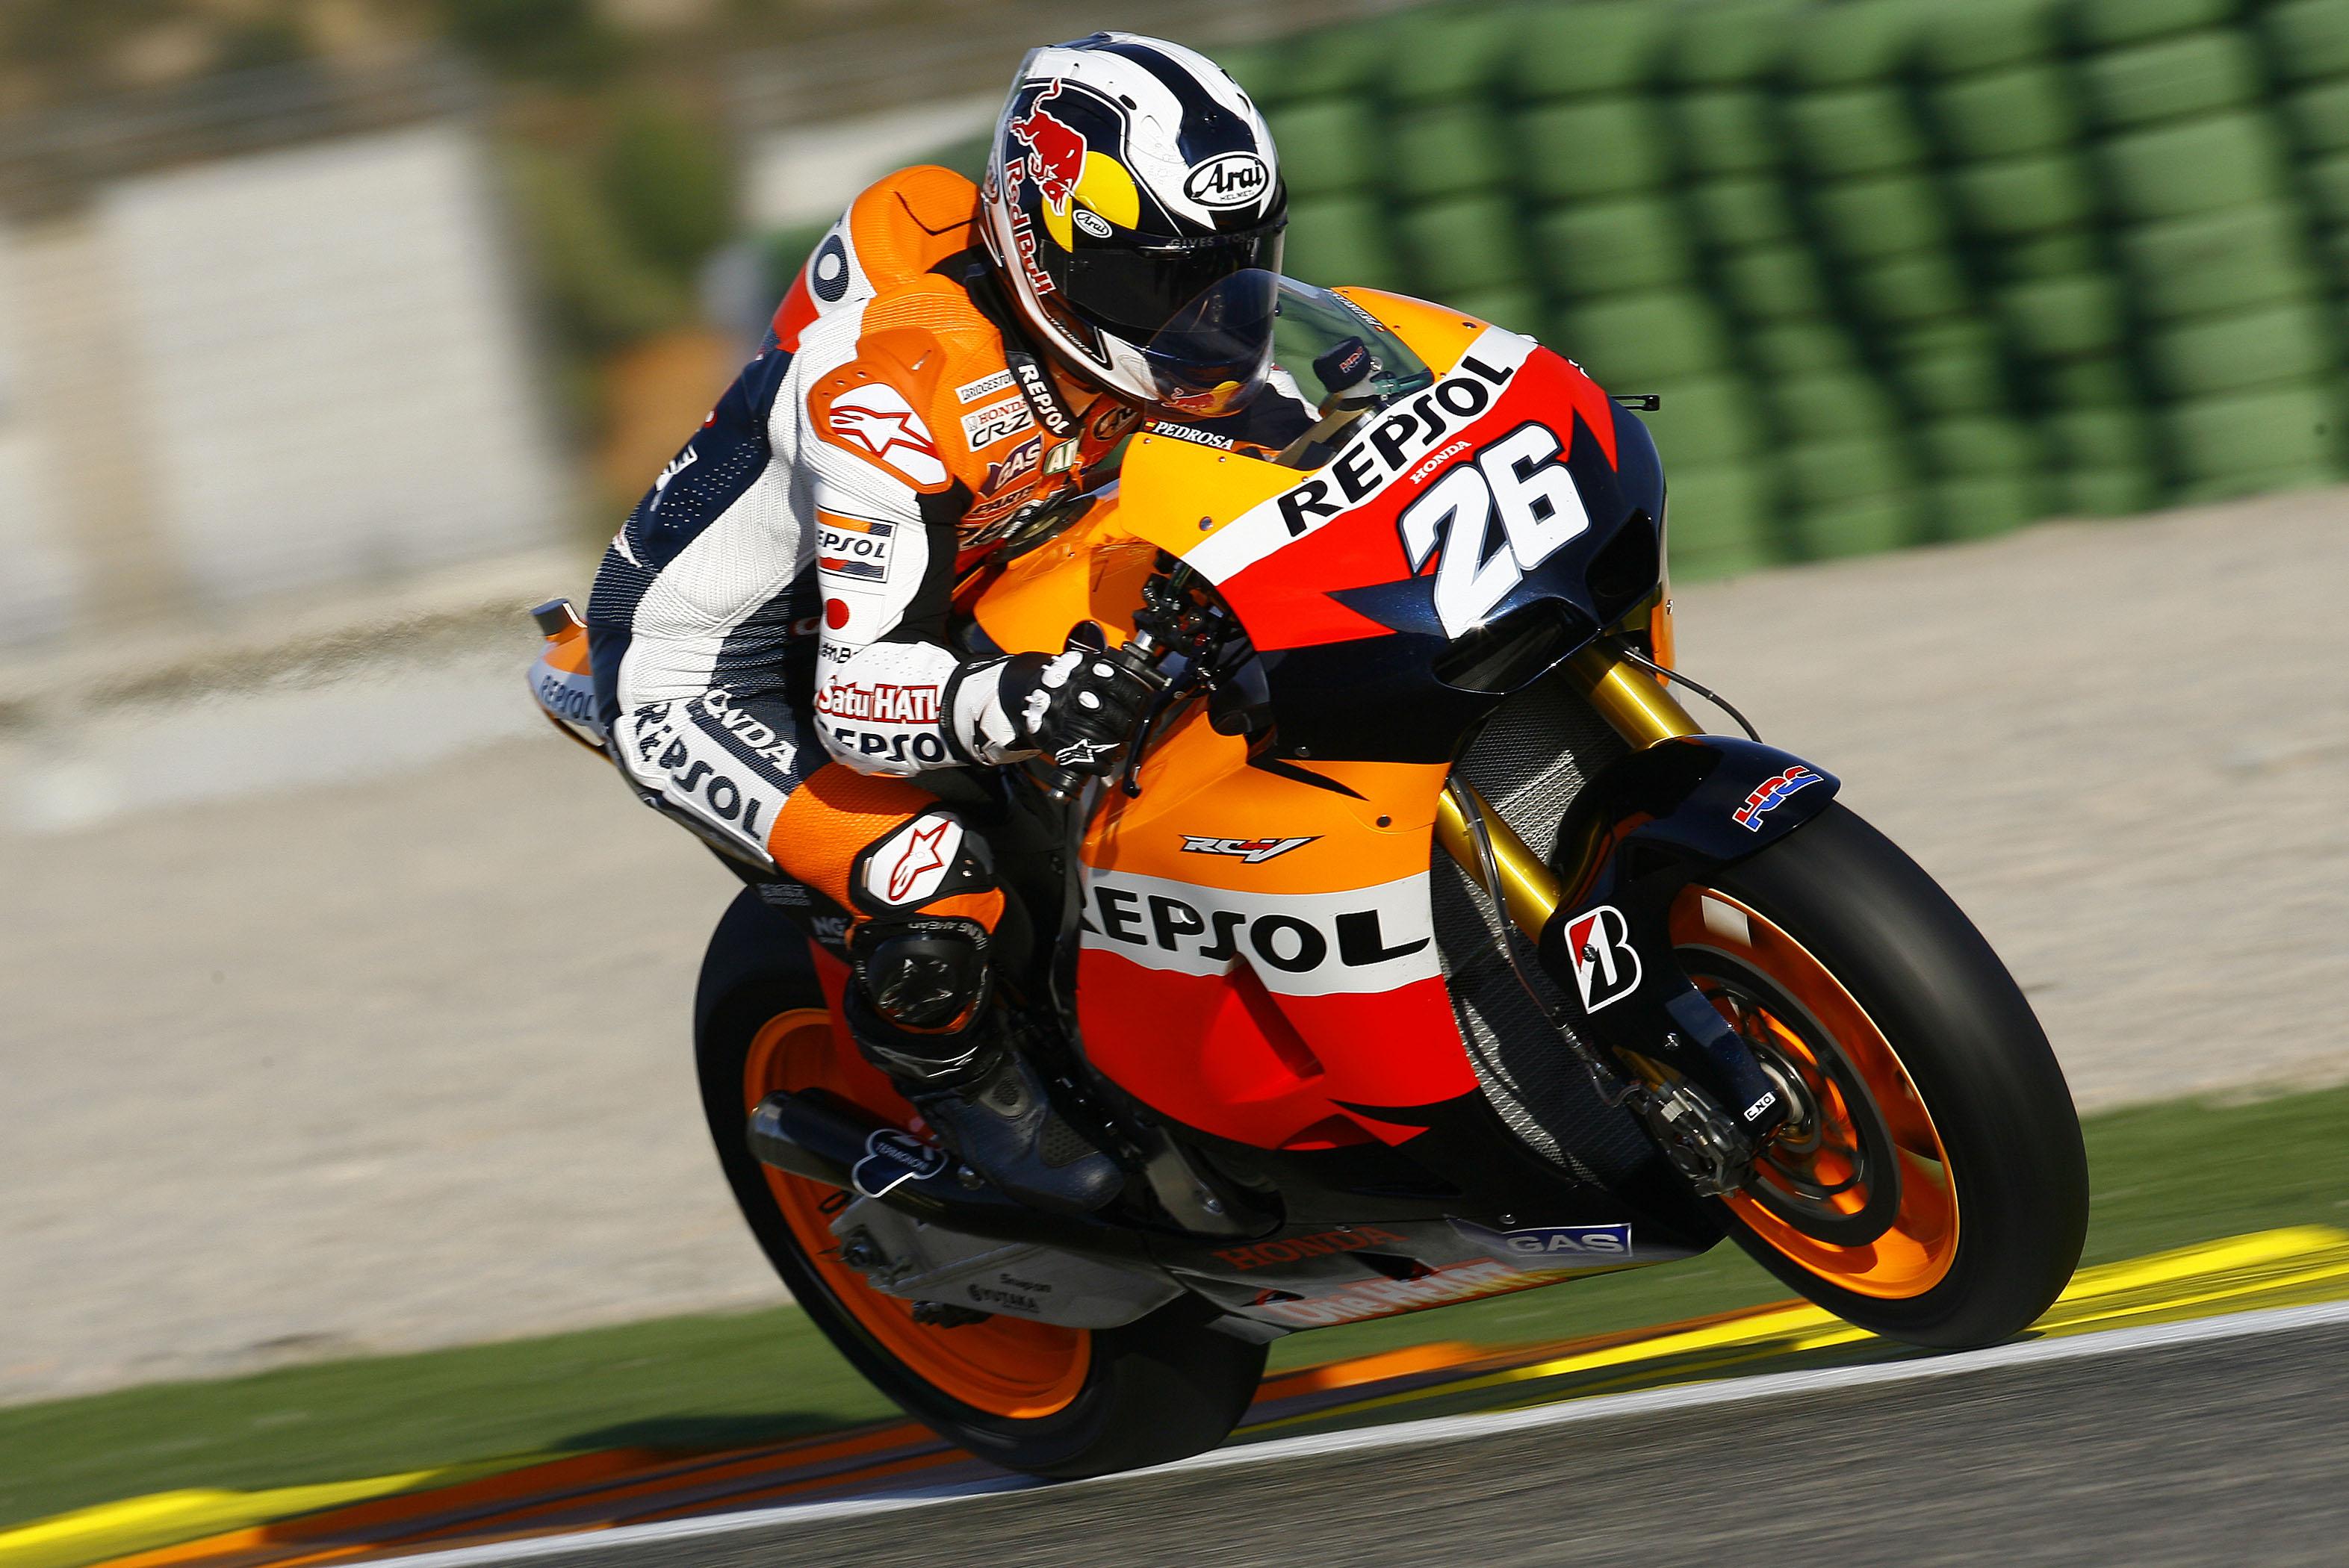 Dani Pedrosa arranca la temporada 2012 con el mejor tiempo en Valencia